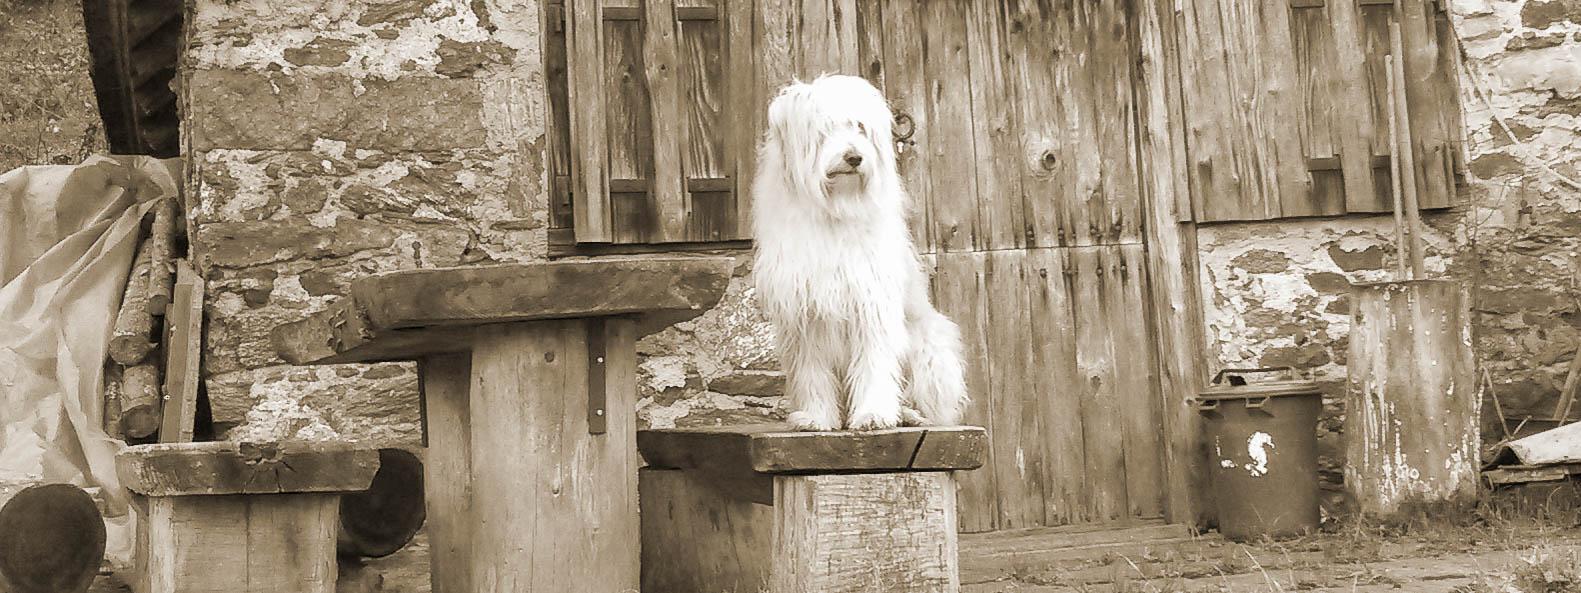 Ein Hund sitzt auf einer Bank vor einer Hütte